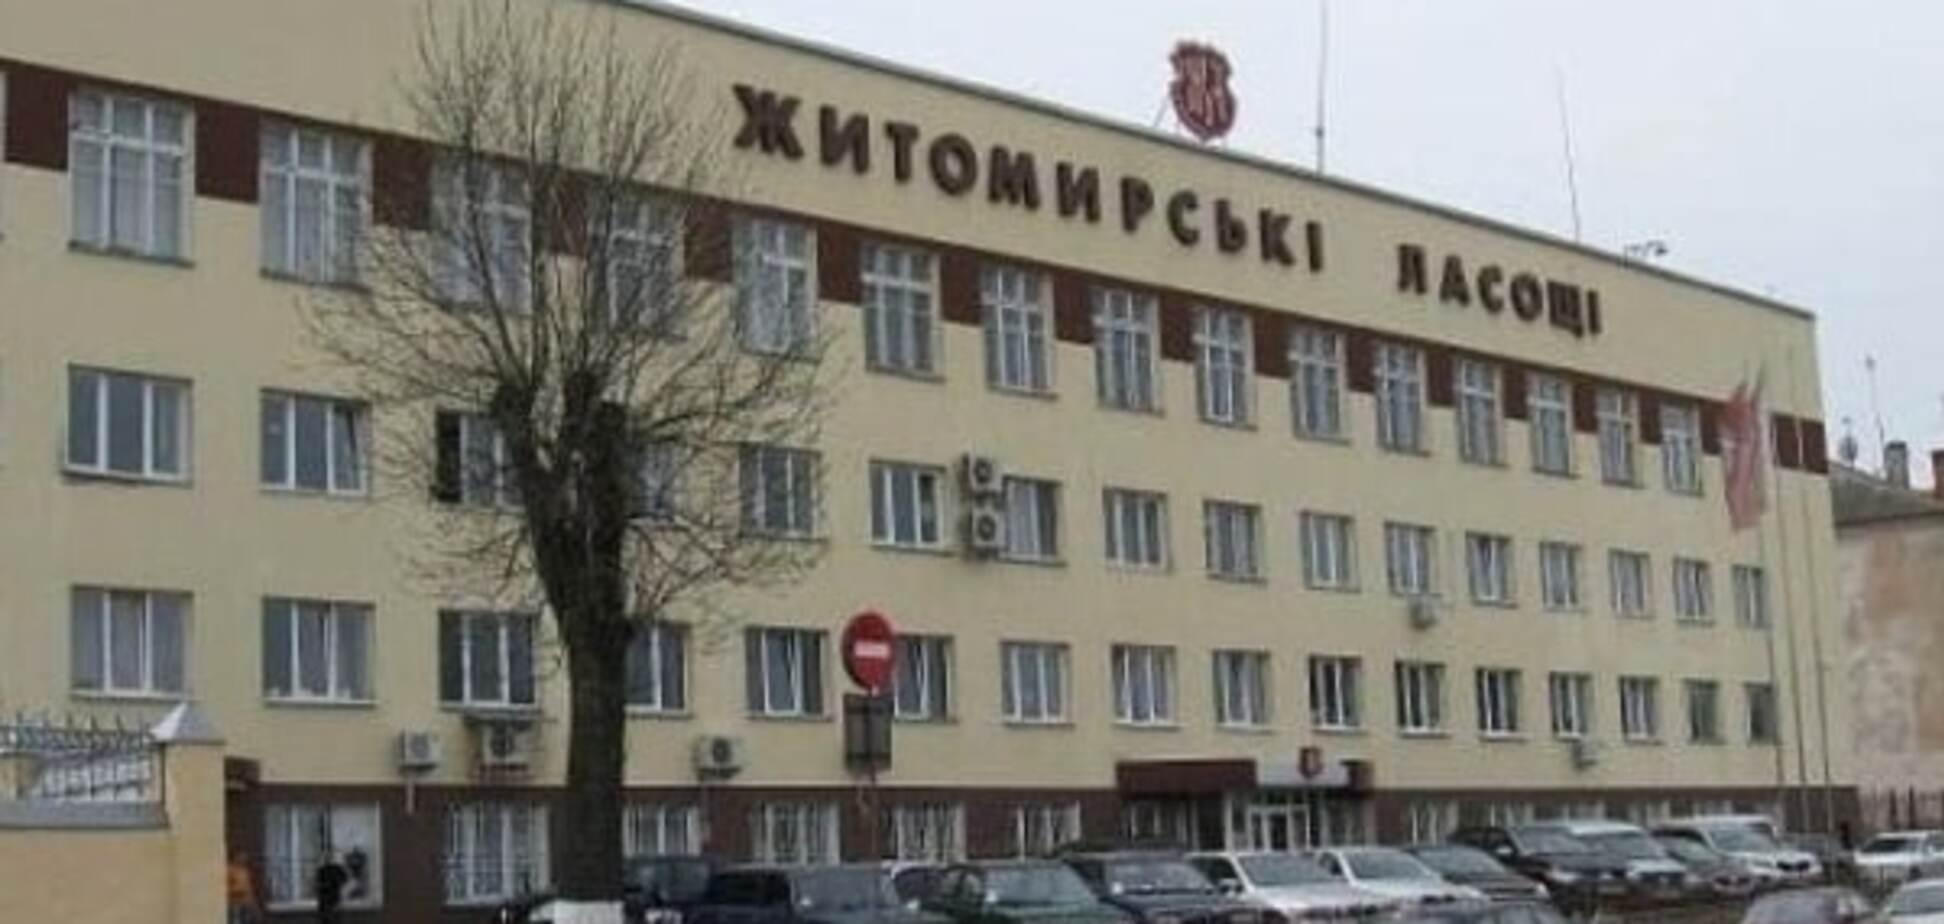 Шокіна і Грицака попросили втрутитися в конфлікт на кондфабриці в Житомирі